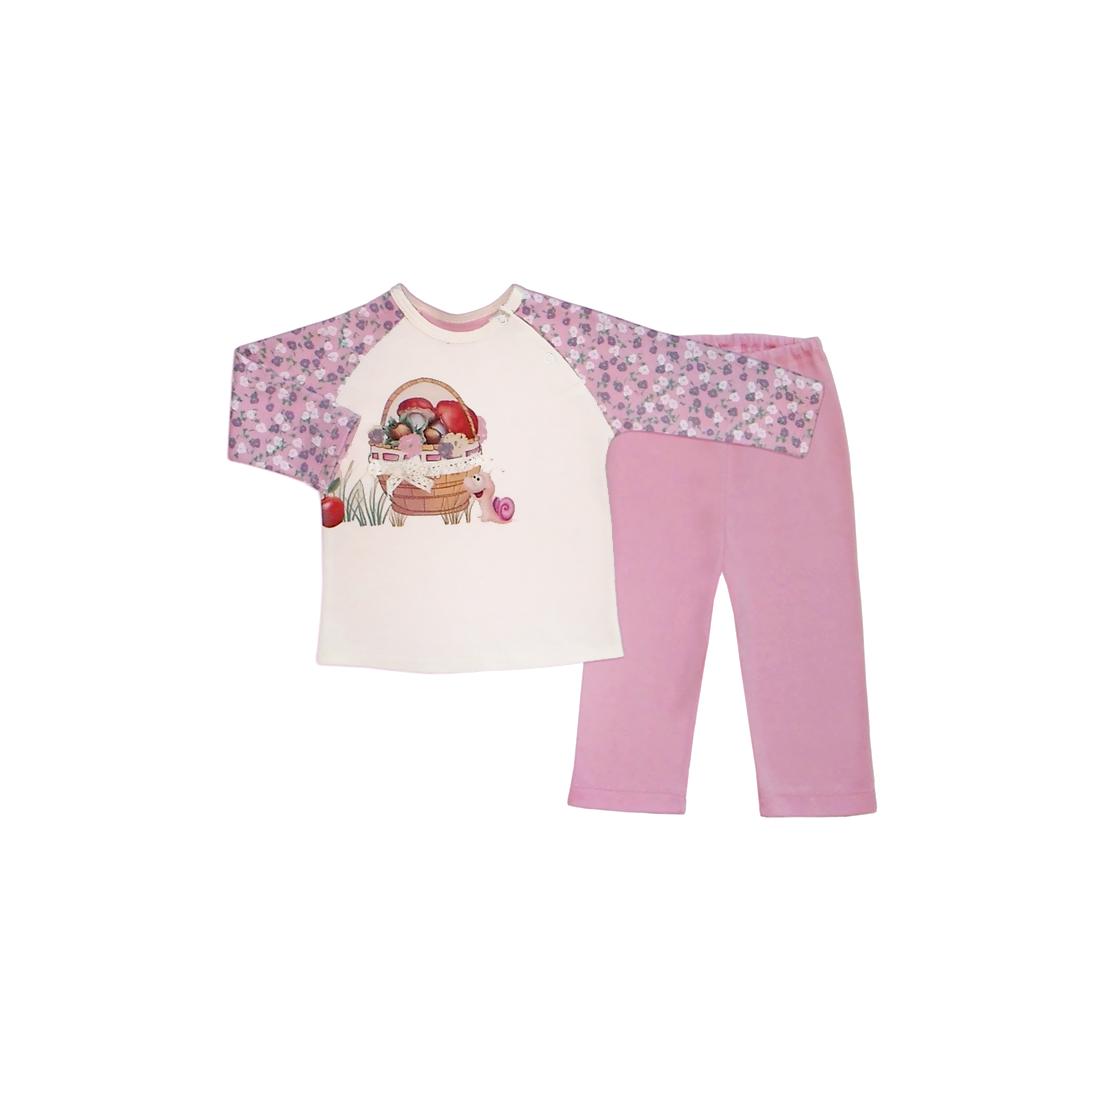 Комплект ясельный Бимоша: кофточка+ползунки, цвет молоко/розовый (146053) 9-12 мес.